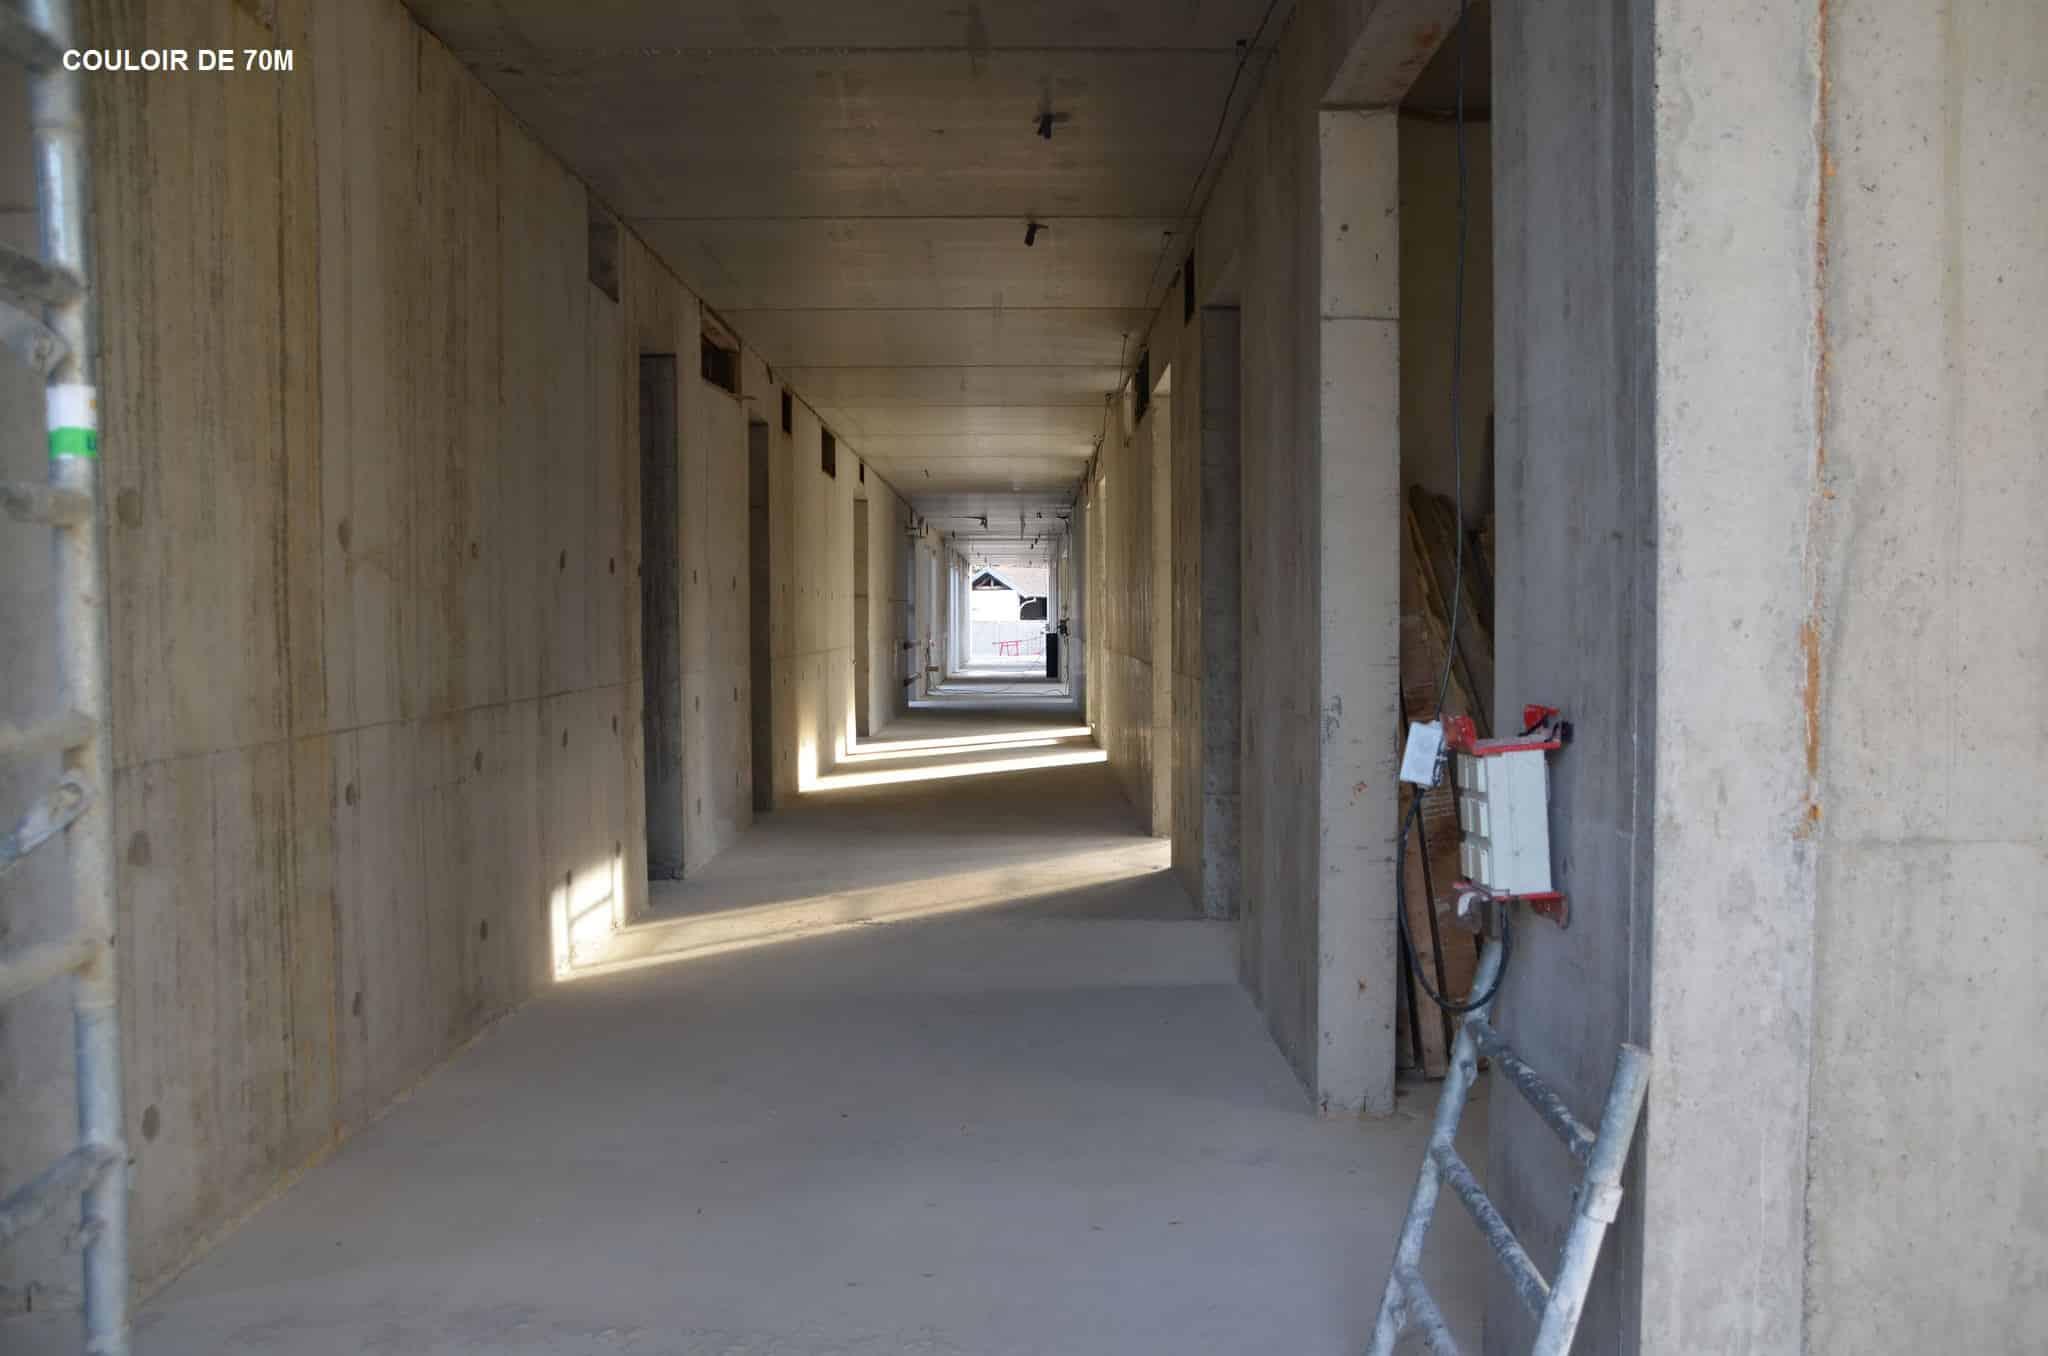 Couloir premier étage du Centre Annour de Mulhouse